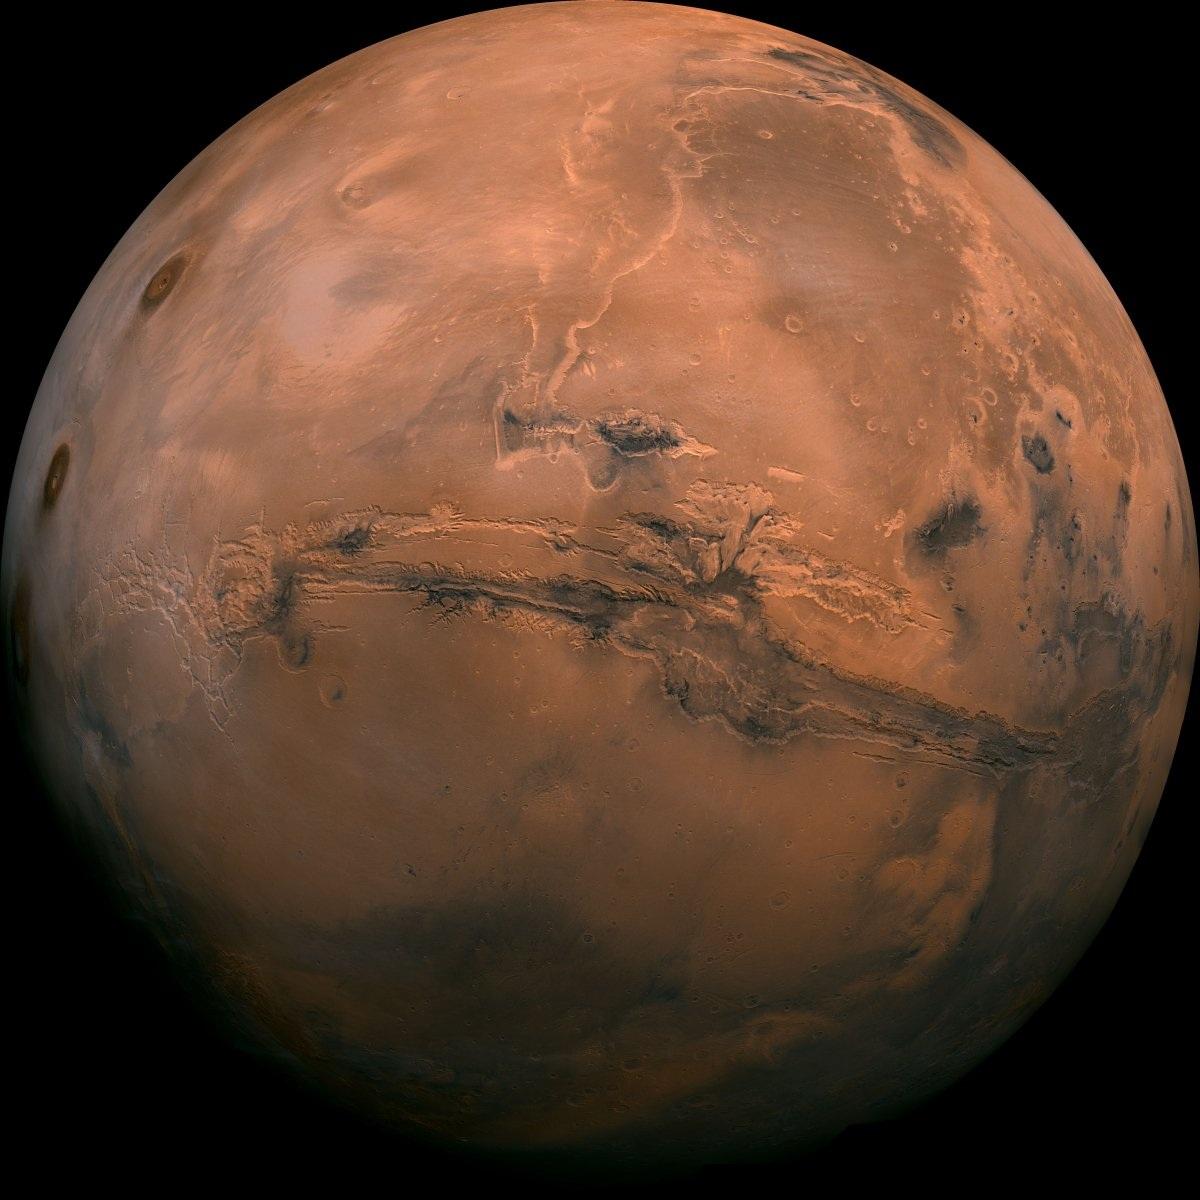 Ảnh chụp trên Sao Hỏa từ vệ tinh.